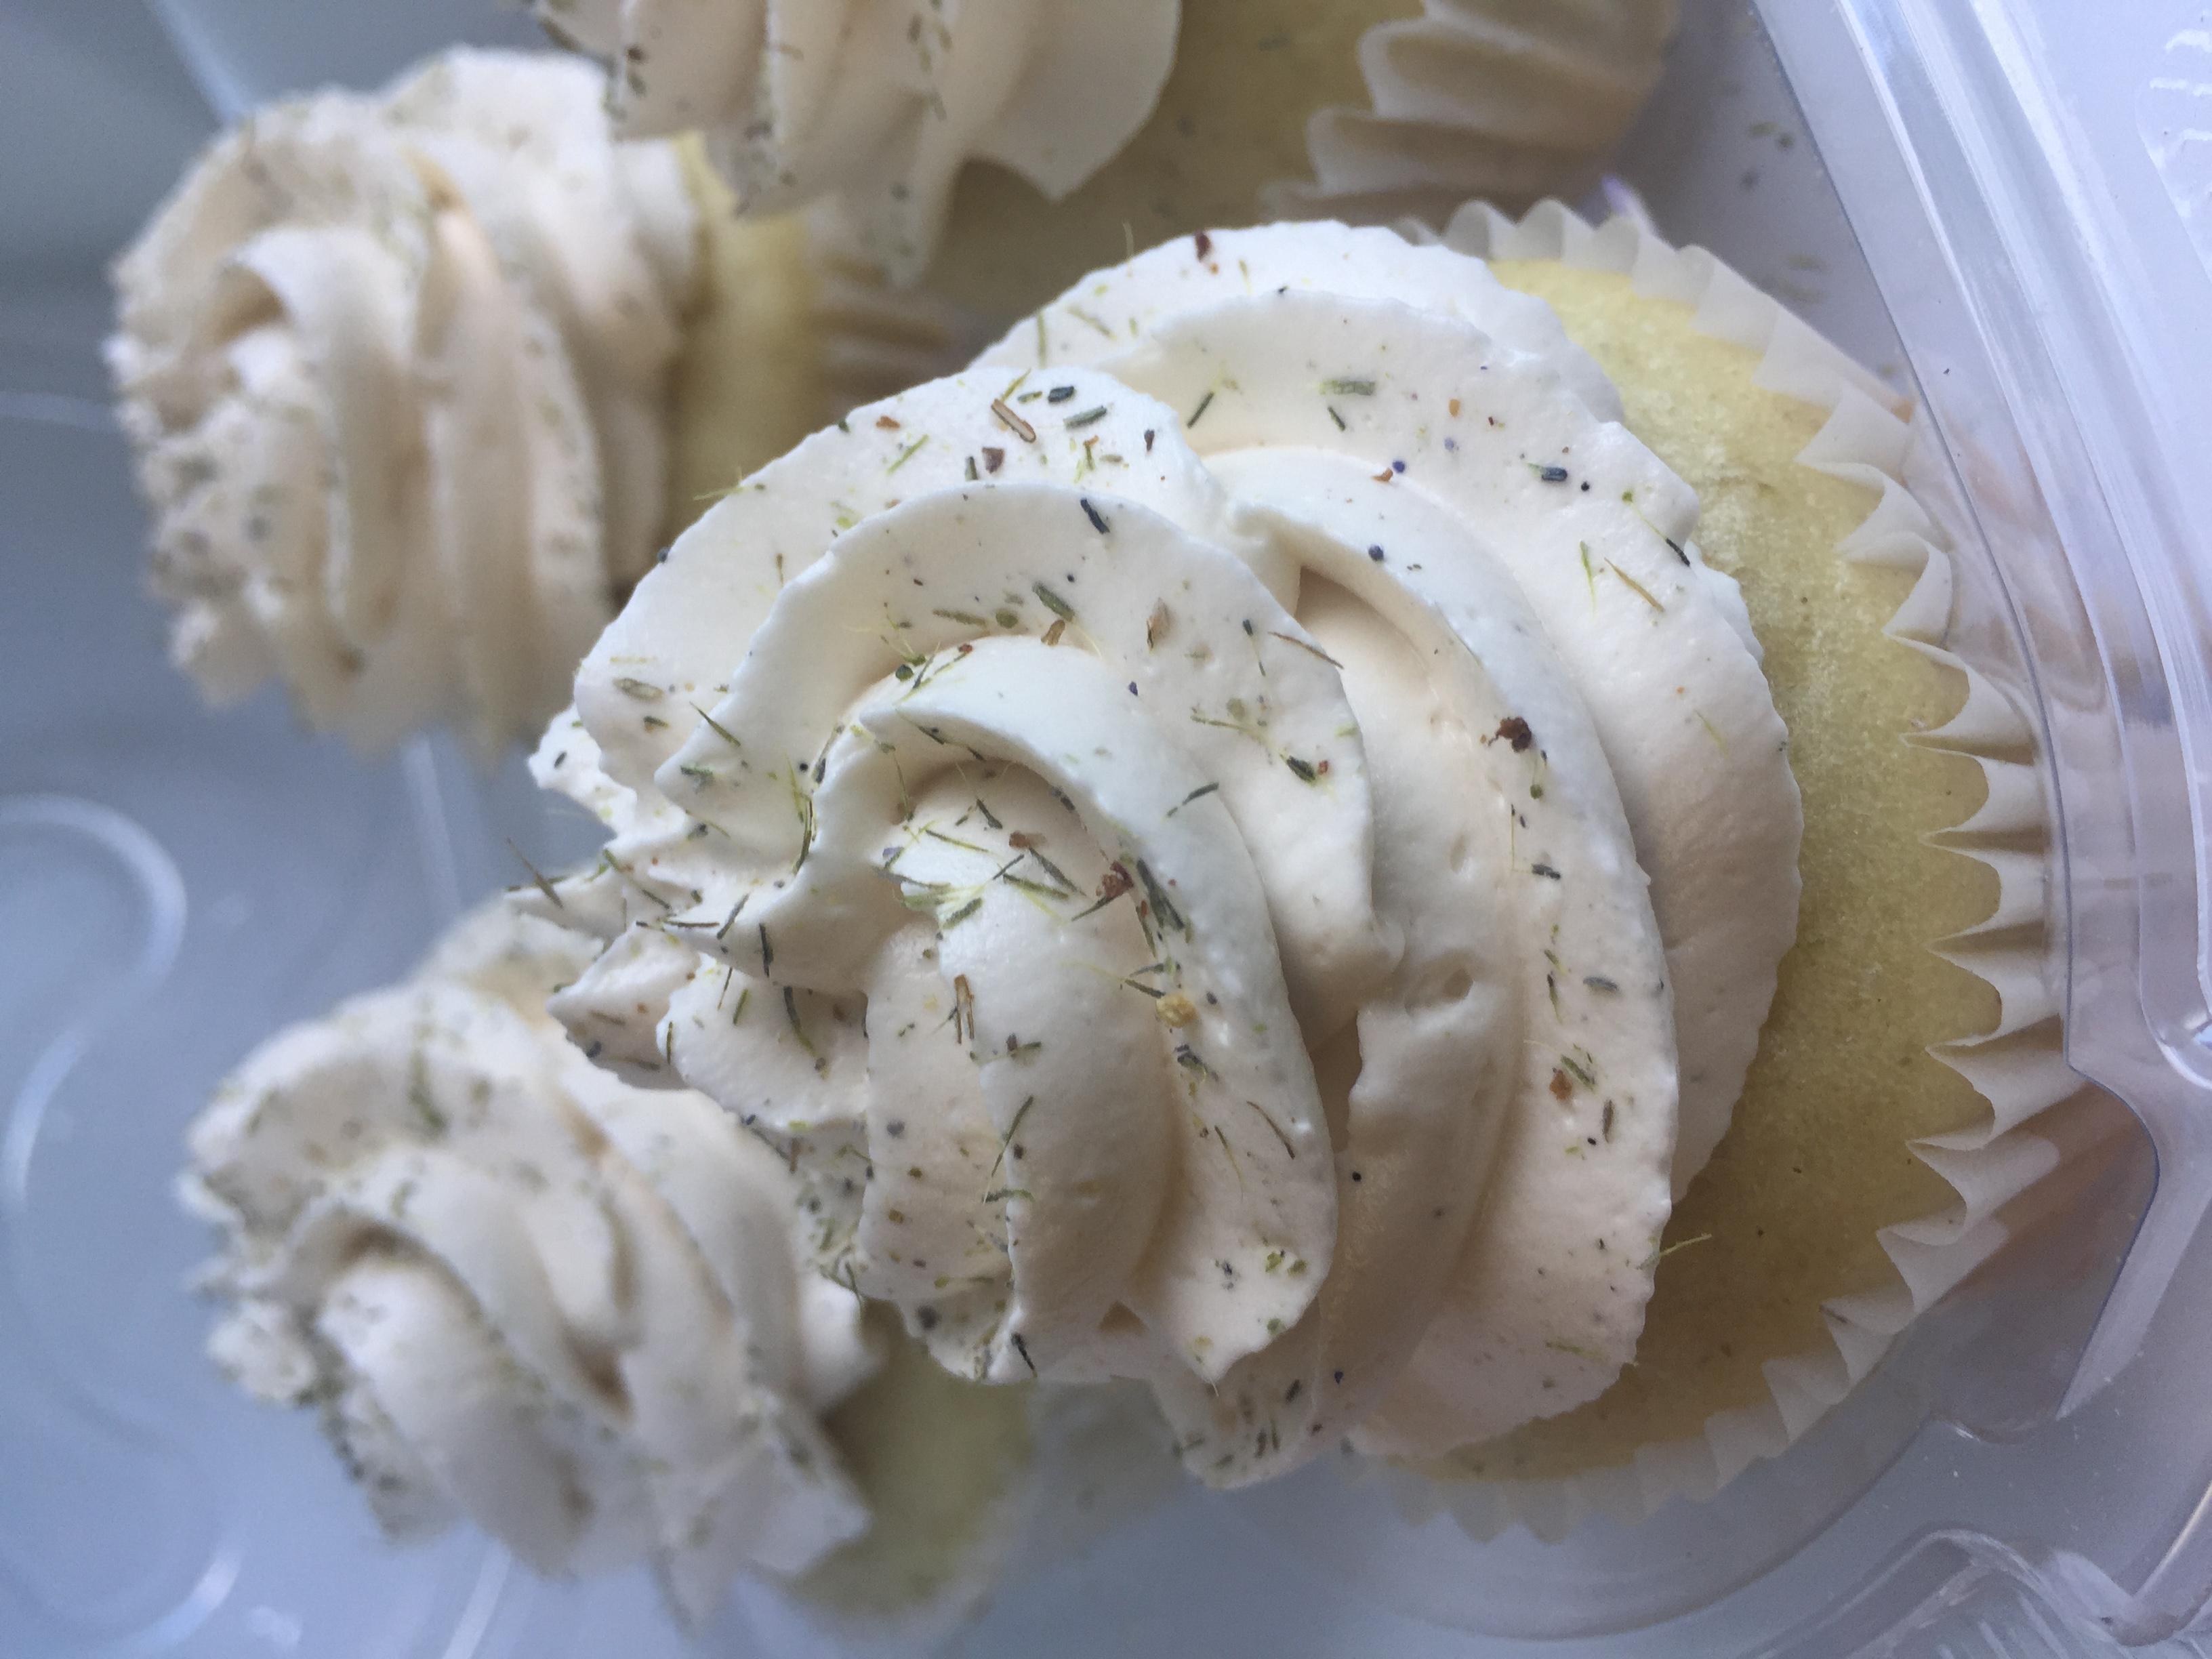 #1 Top - lavender vanilla